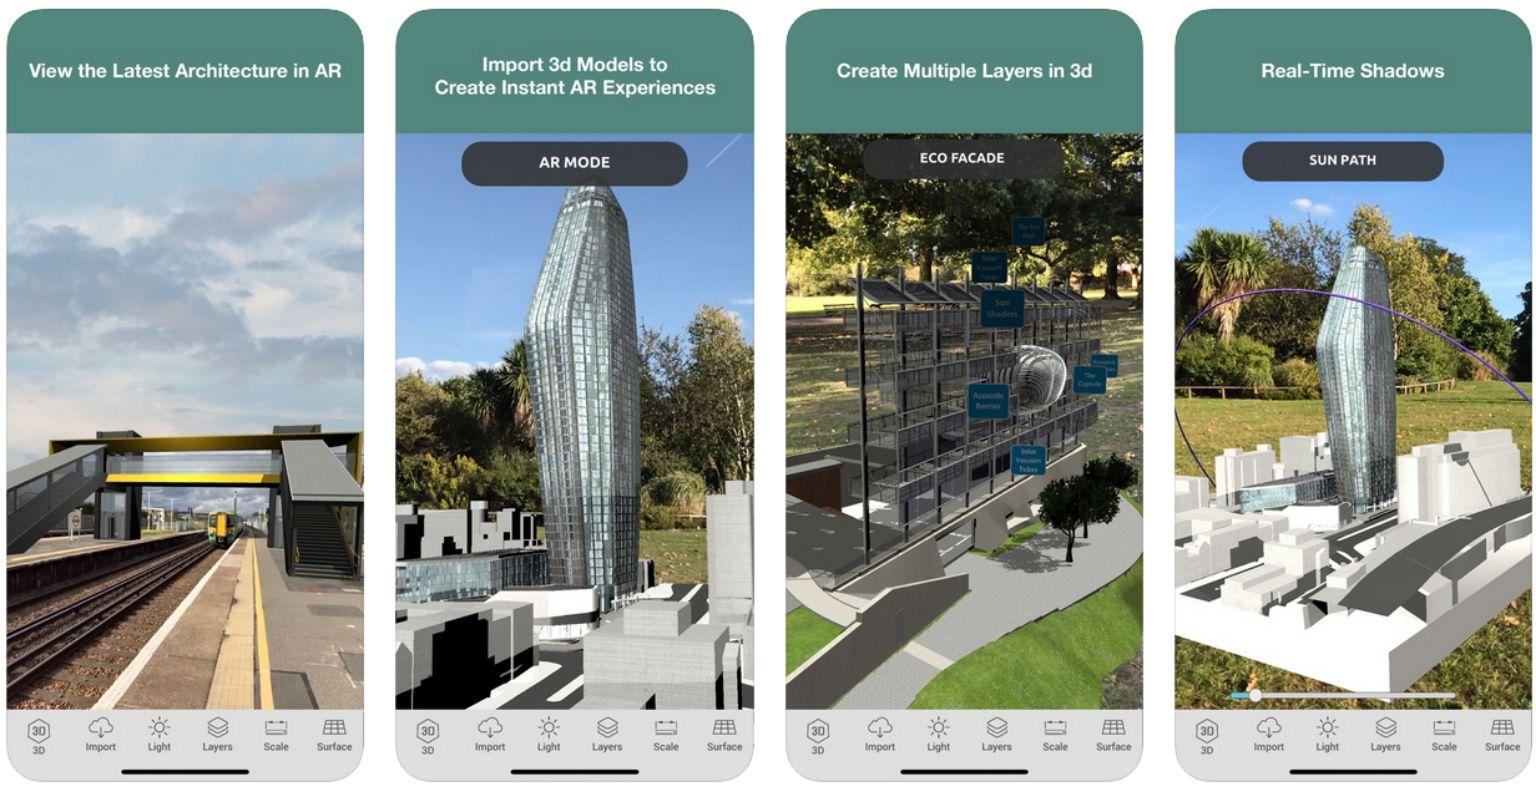 Meilleures applications pour Architectes - ARki